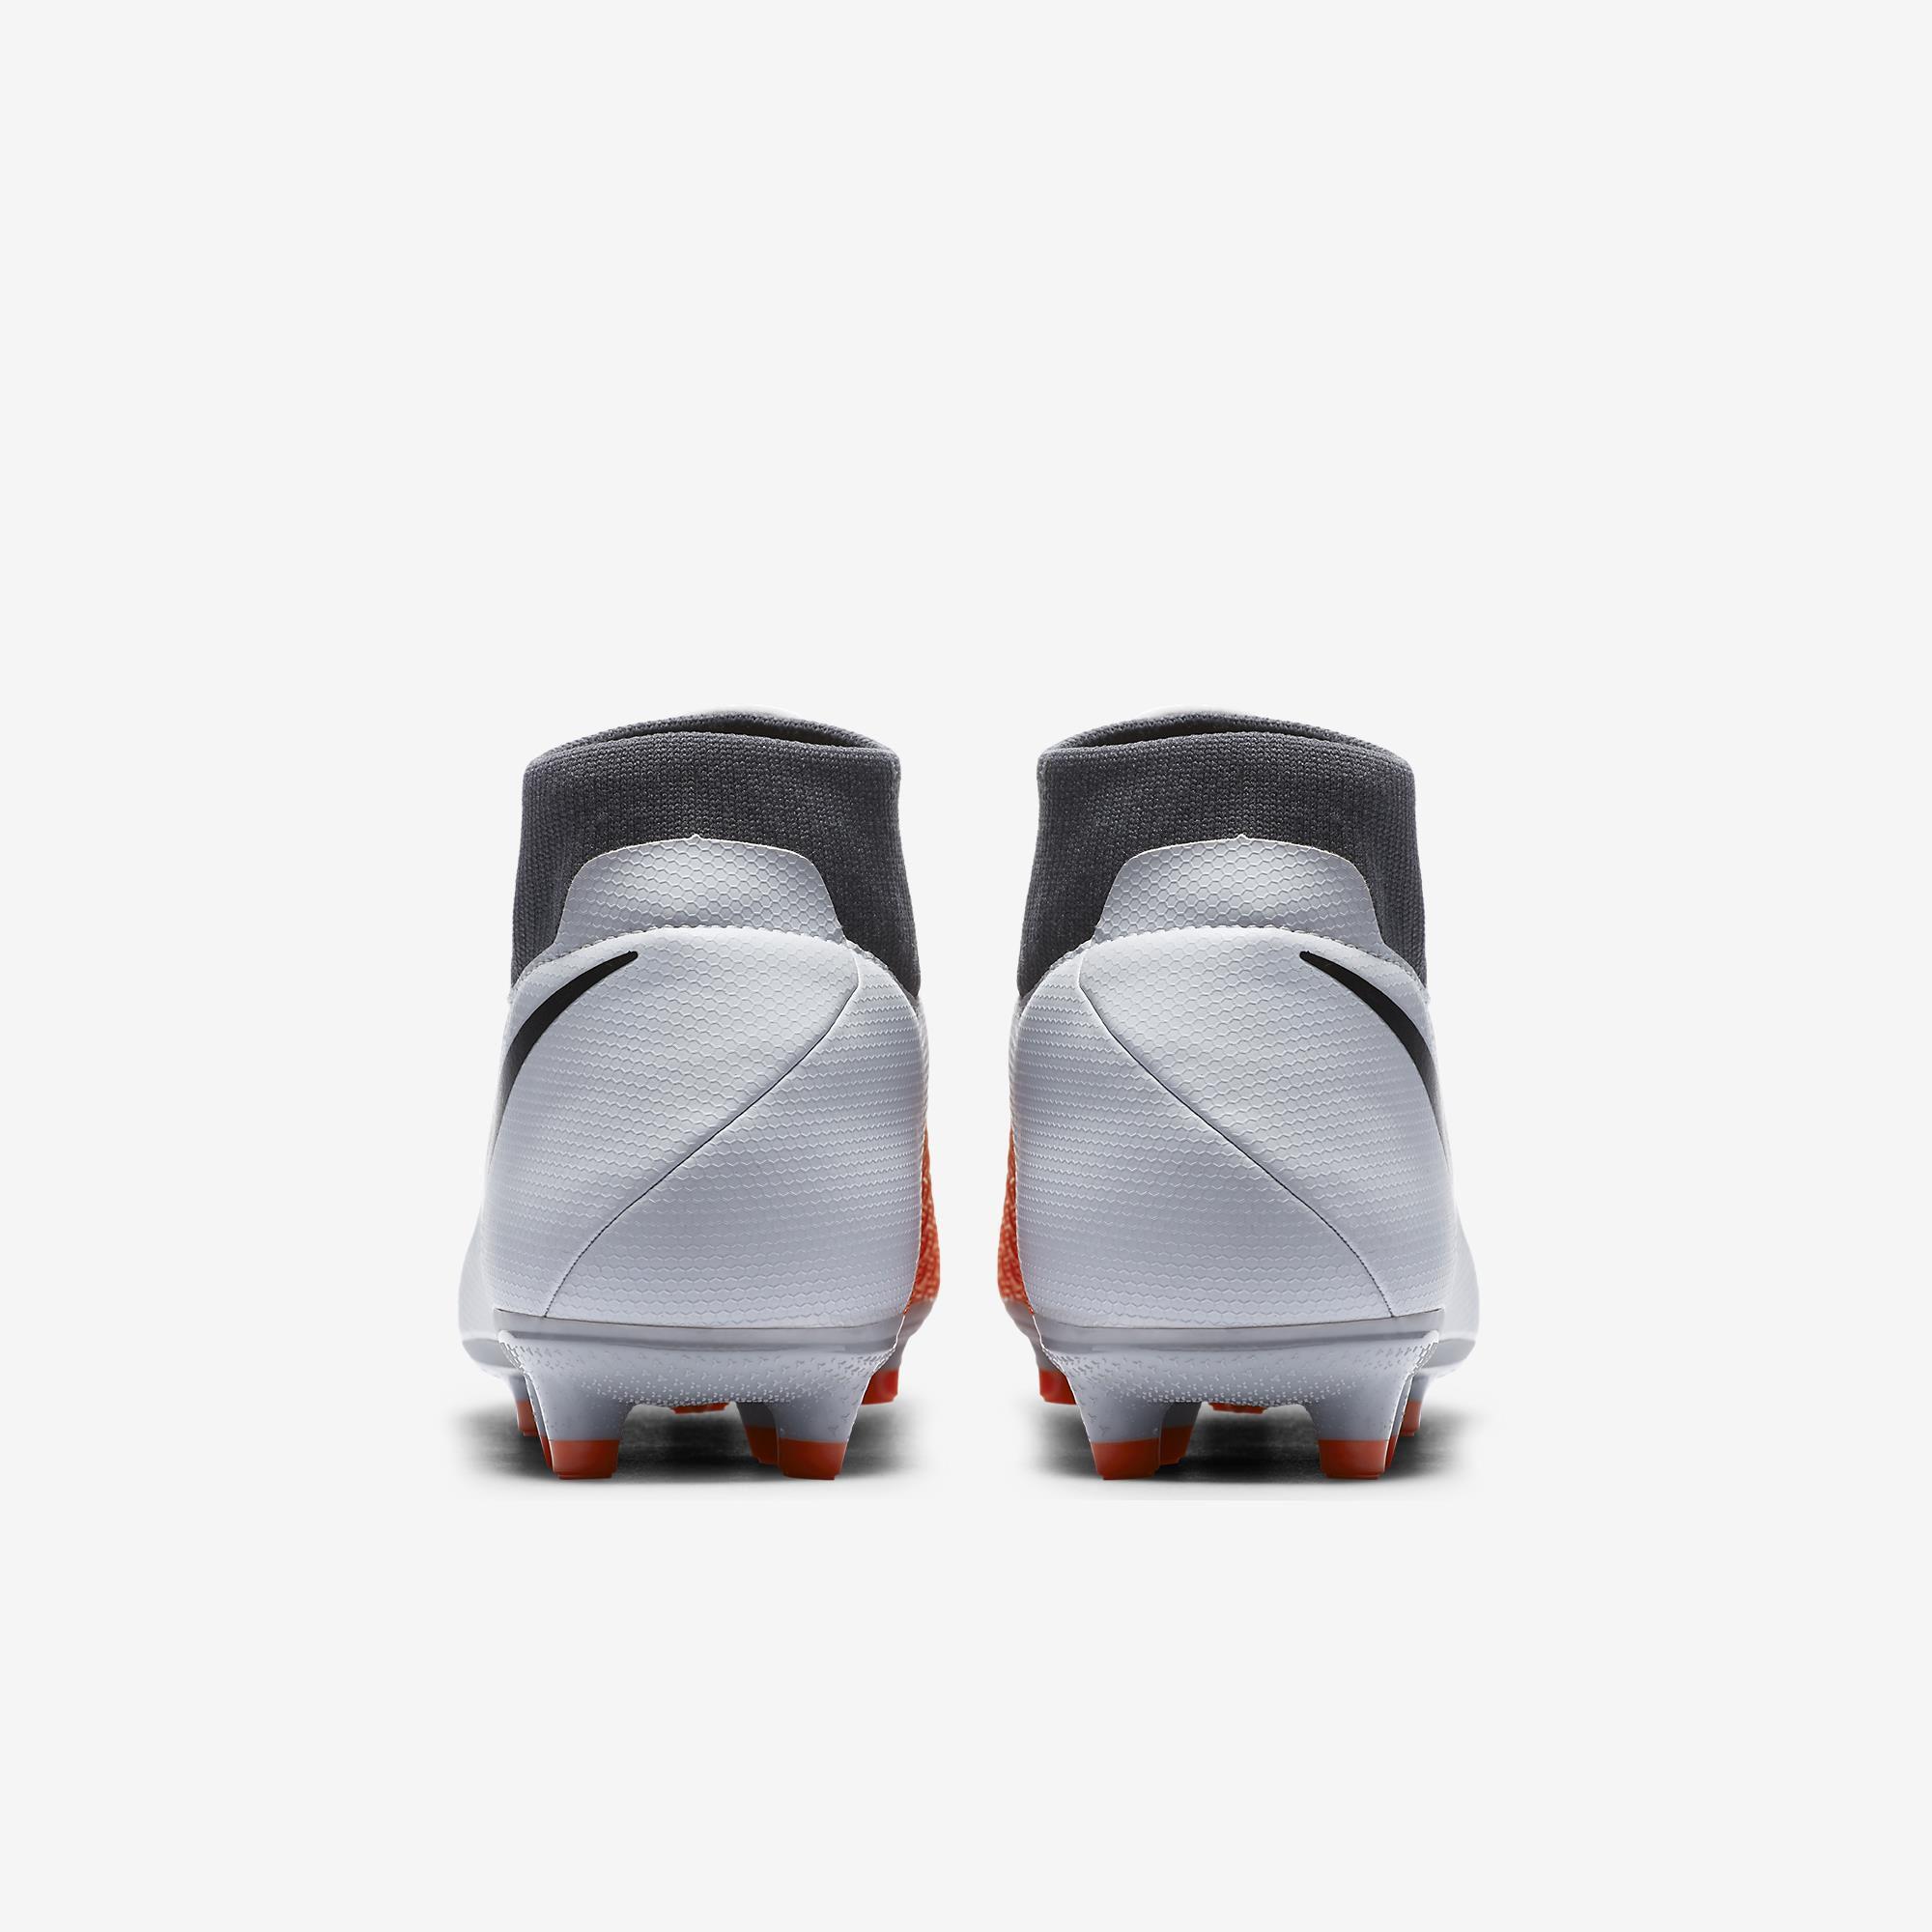 34e6b608f2 Chuteira Nike Phantom Vision Academy Campo - BRACIA SHOP  Loja de ...